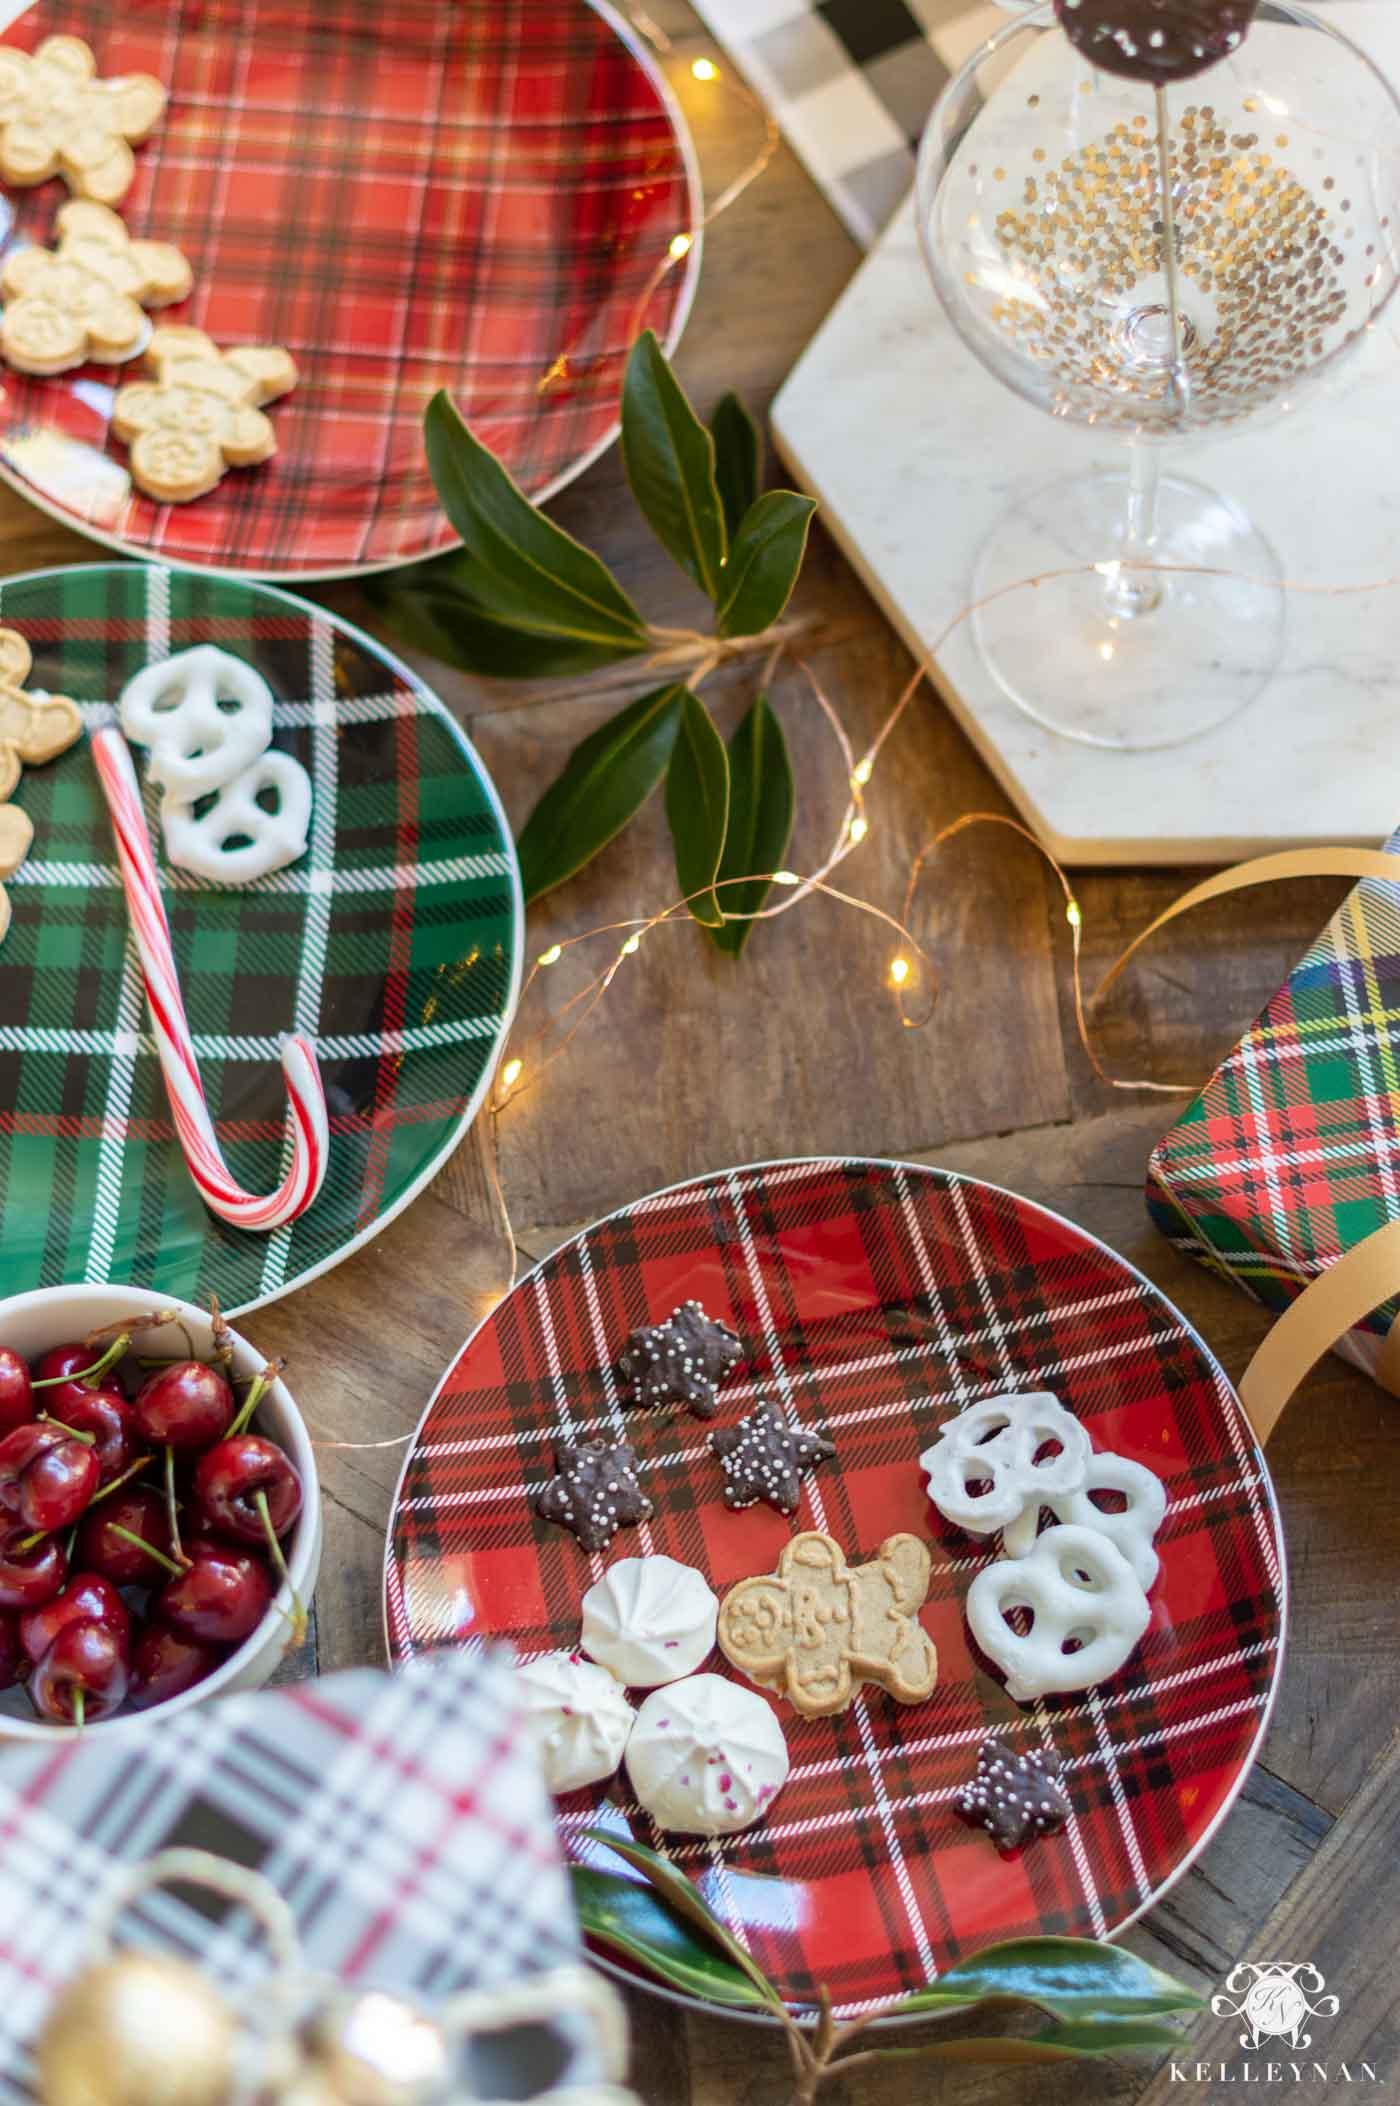 Plaid Table Decor for Christmas